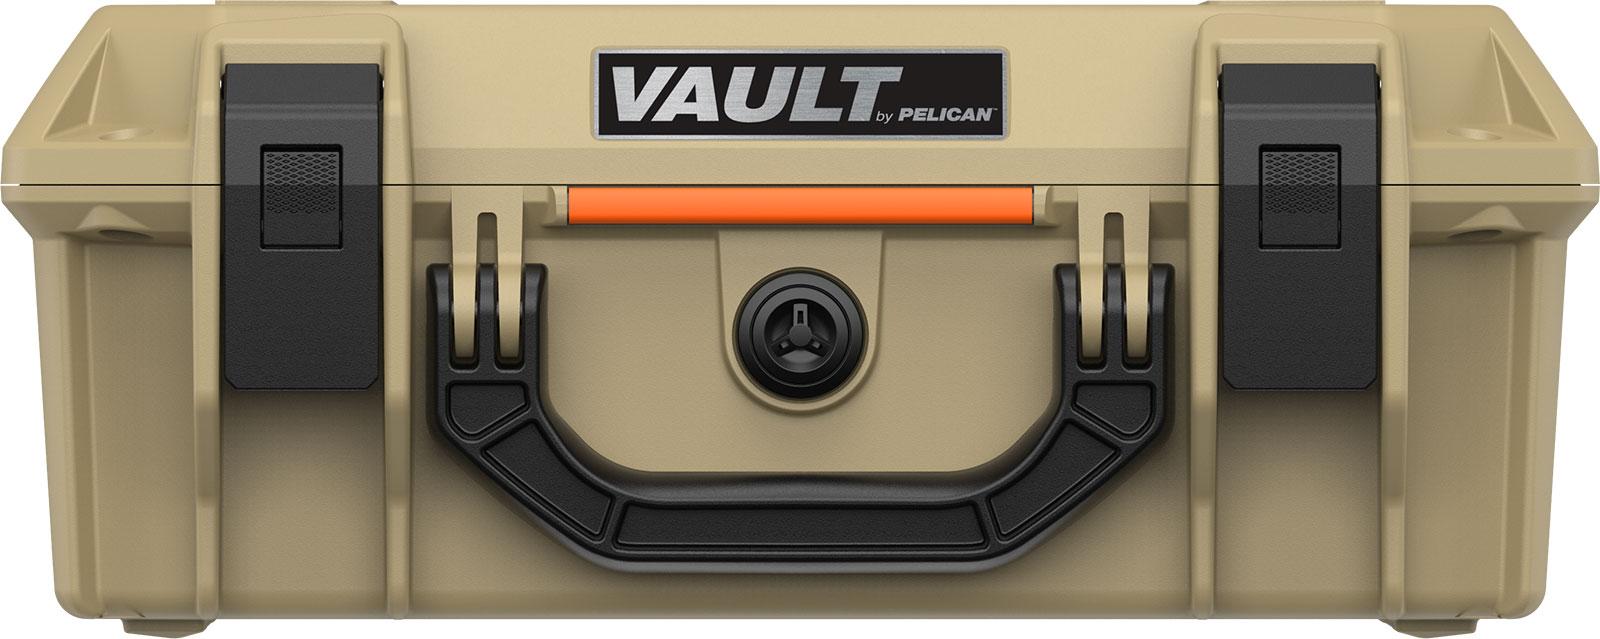 pelican vault hard cases v200 tan case